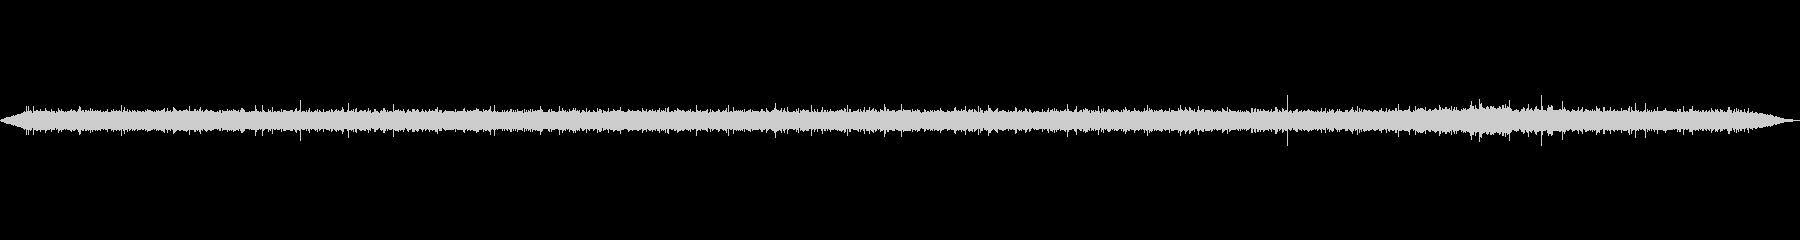 【自然音】せせらぎ01(美保関)の未再生の波形